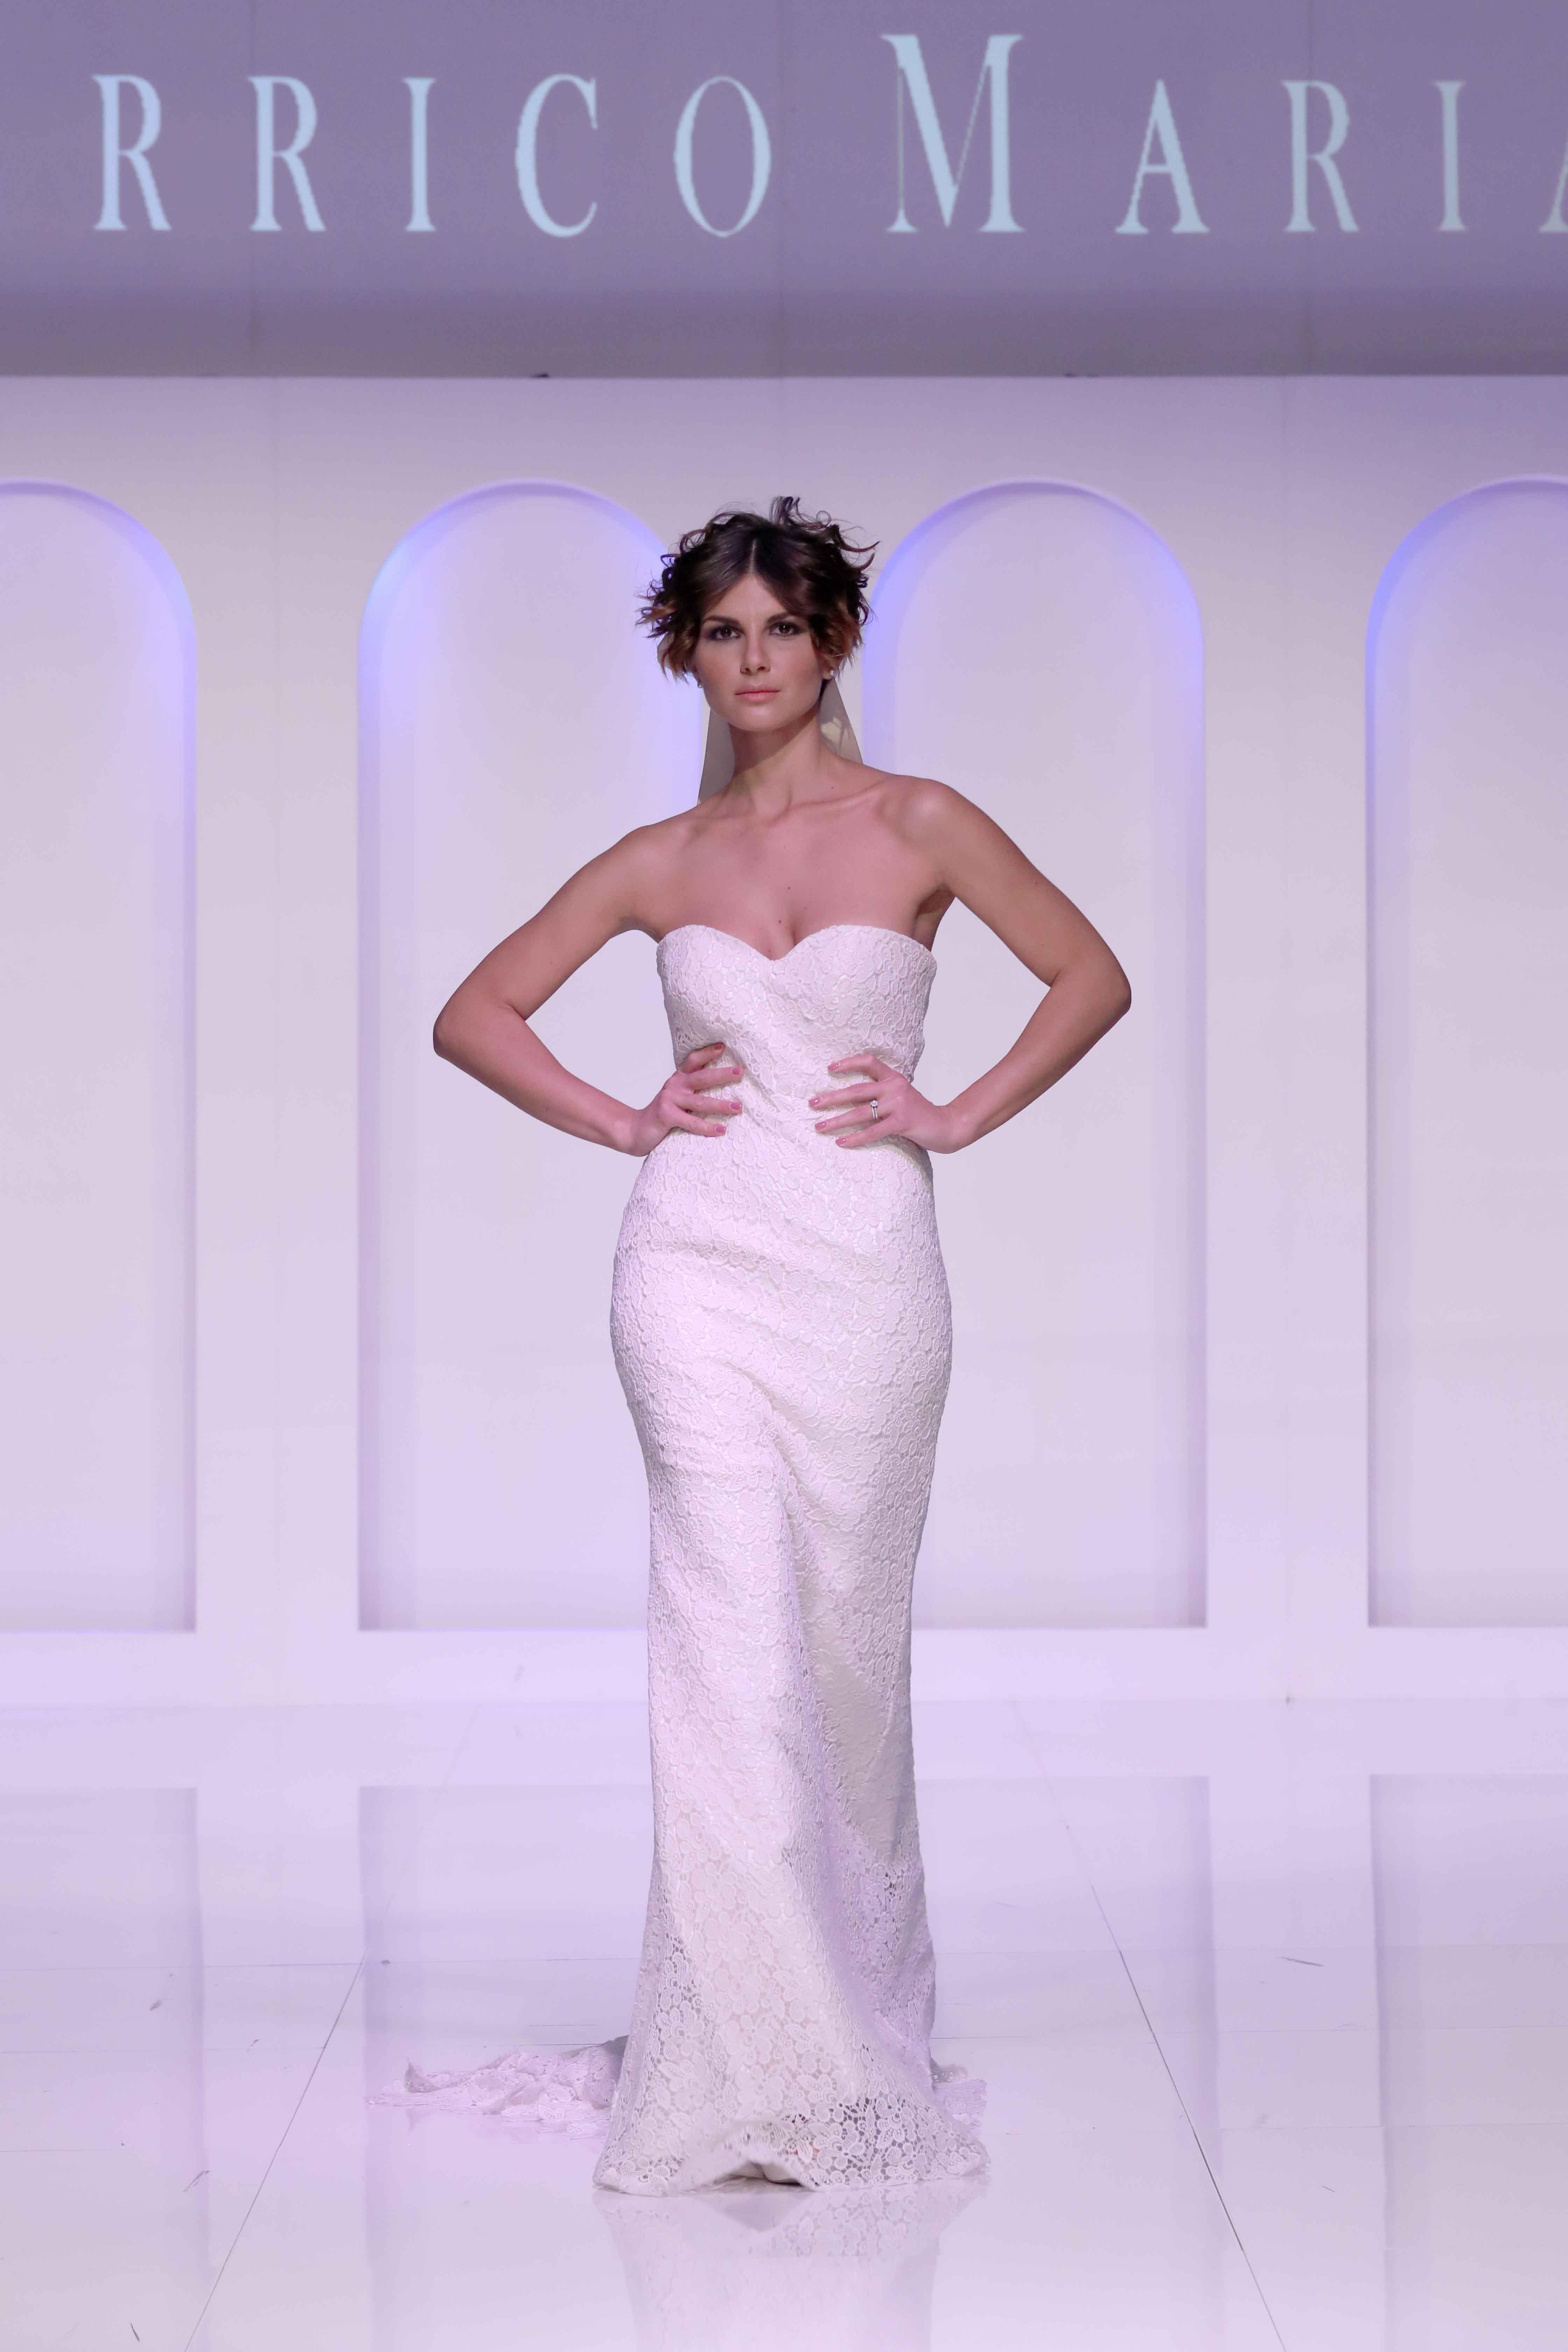 58712a2d0196 Gli Abiti da Sposa Errico Maria rappresentano l eccellenza del Made in  Italy  quell abito che